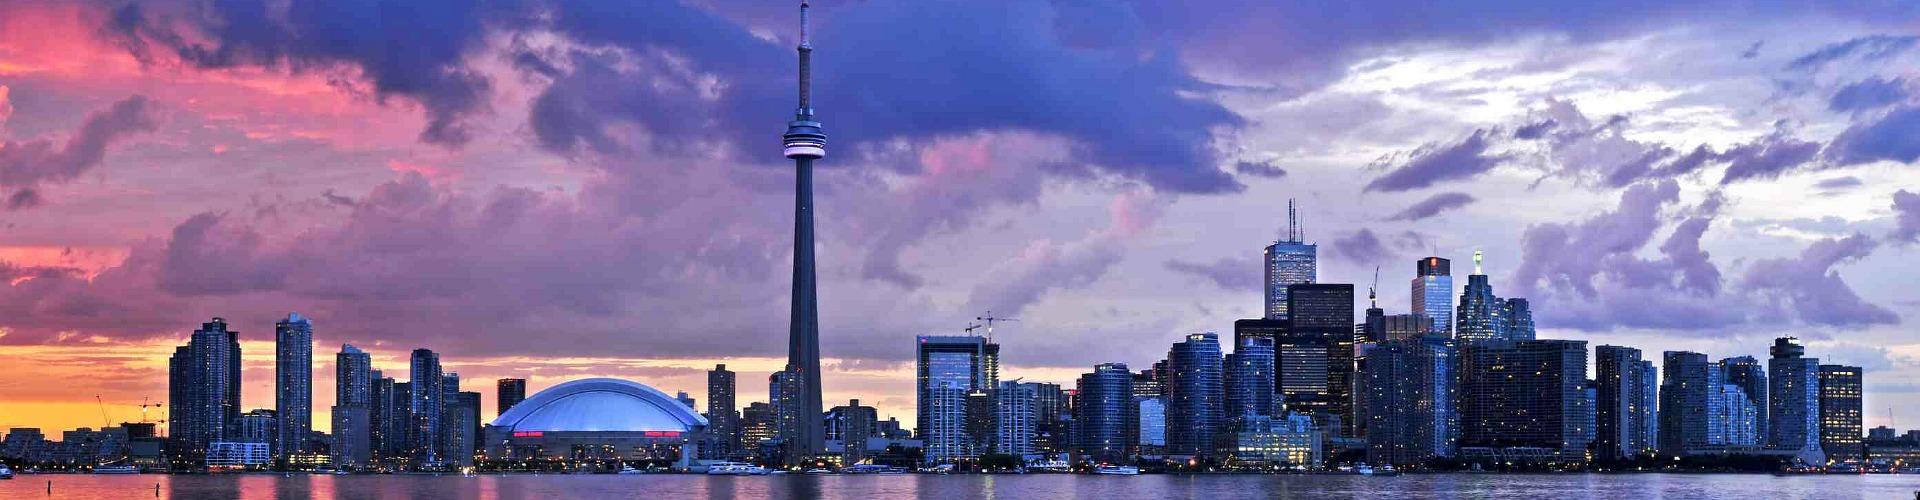 Toronto_OntarioW